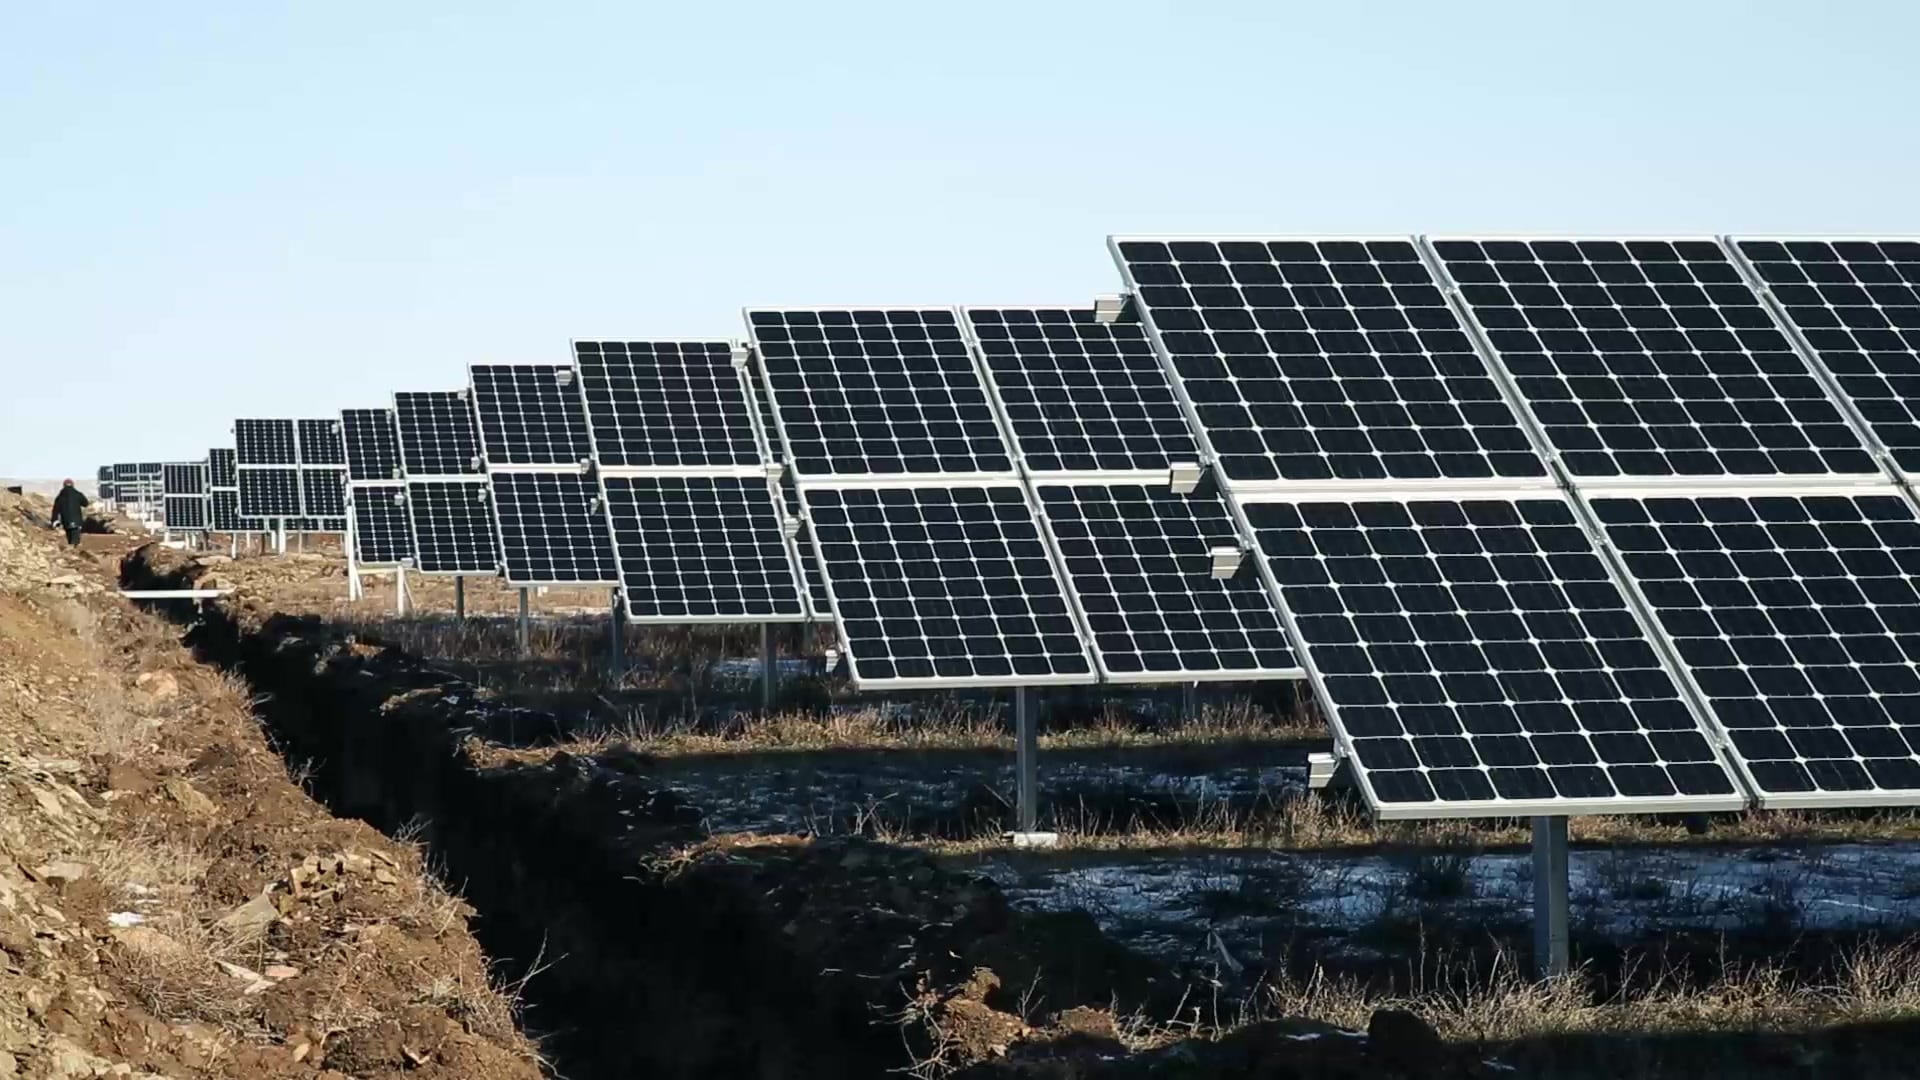 6 самых недорогих солнечных электростанций для дачи - рейтинг лучших, где купить и цена